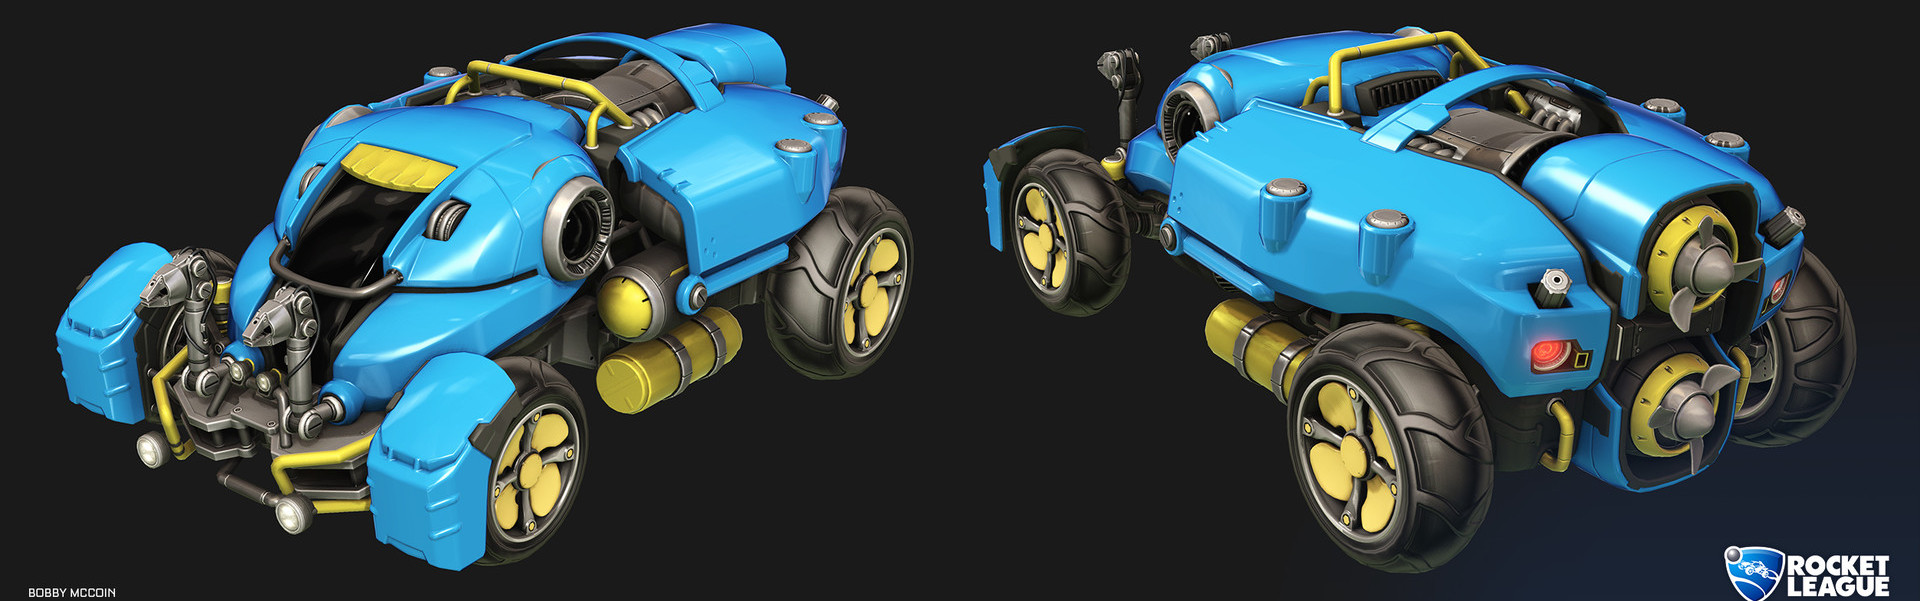 Rocket League - Proteus (DLC) Steam Key GLOBAL